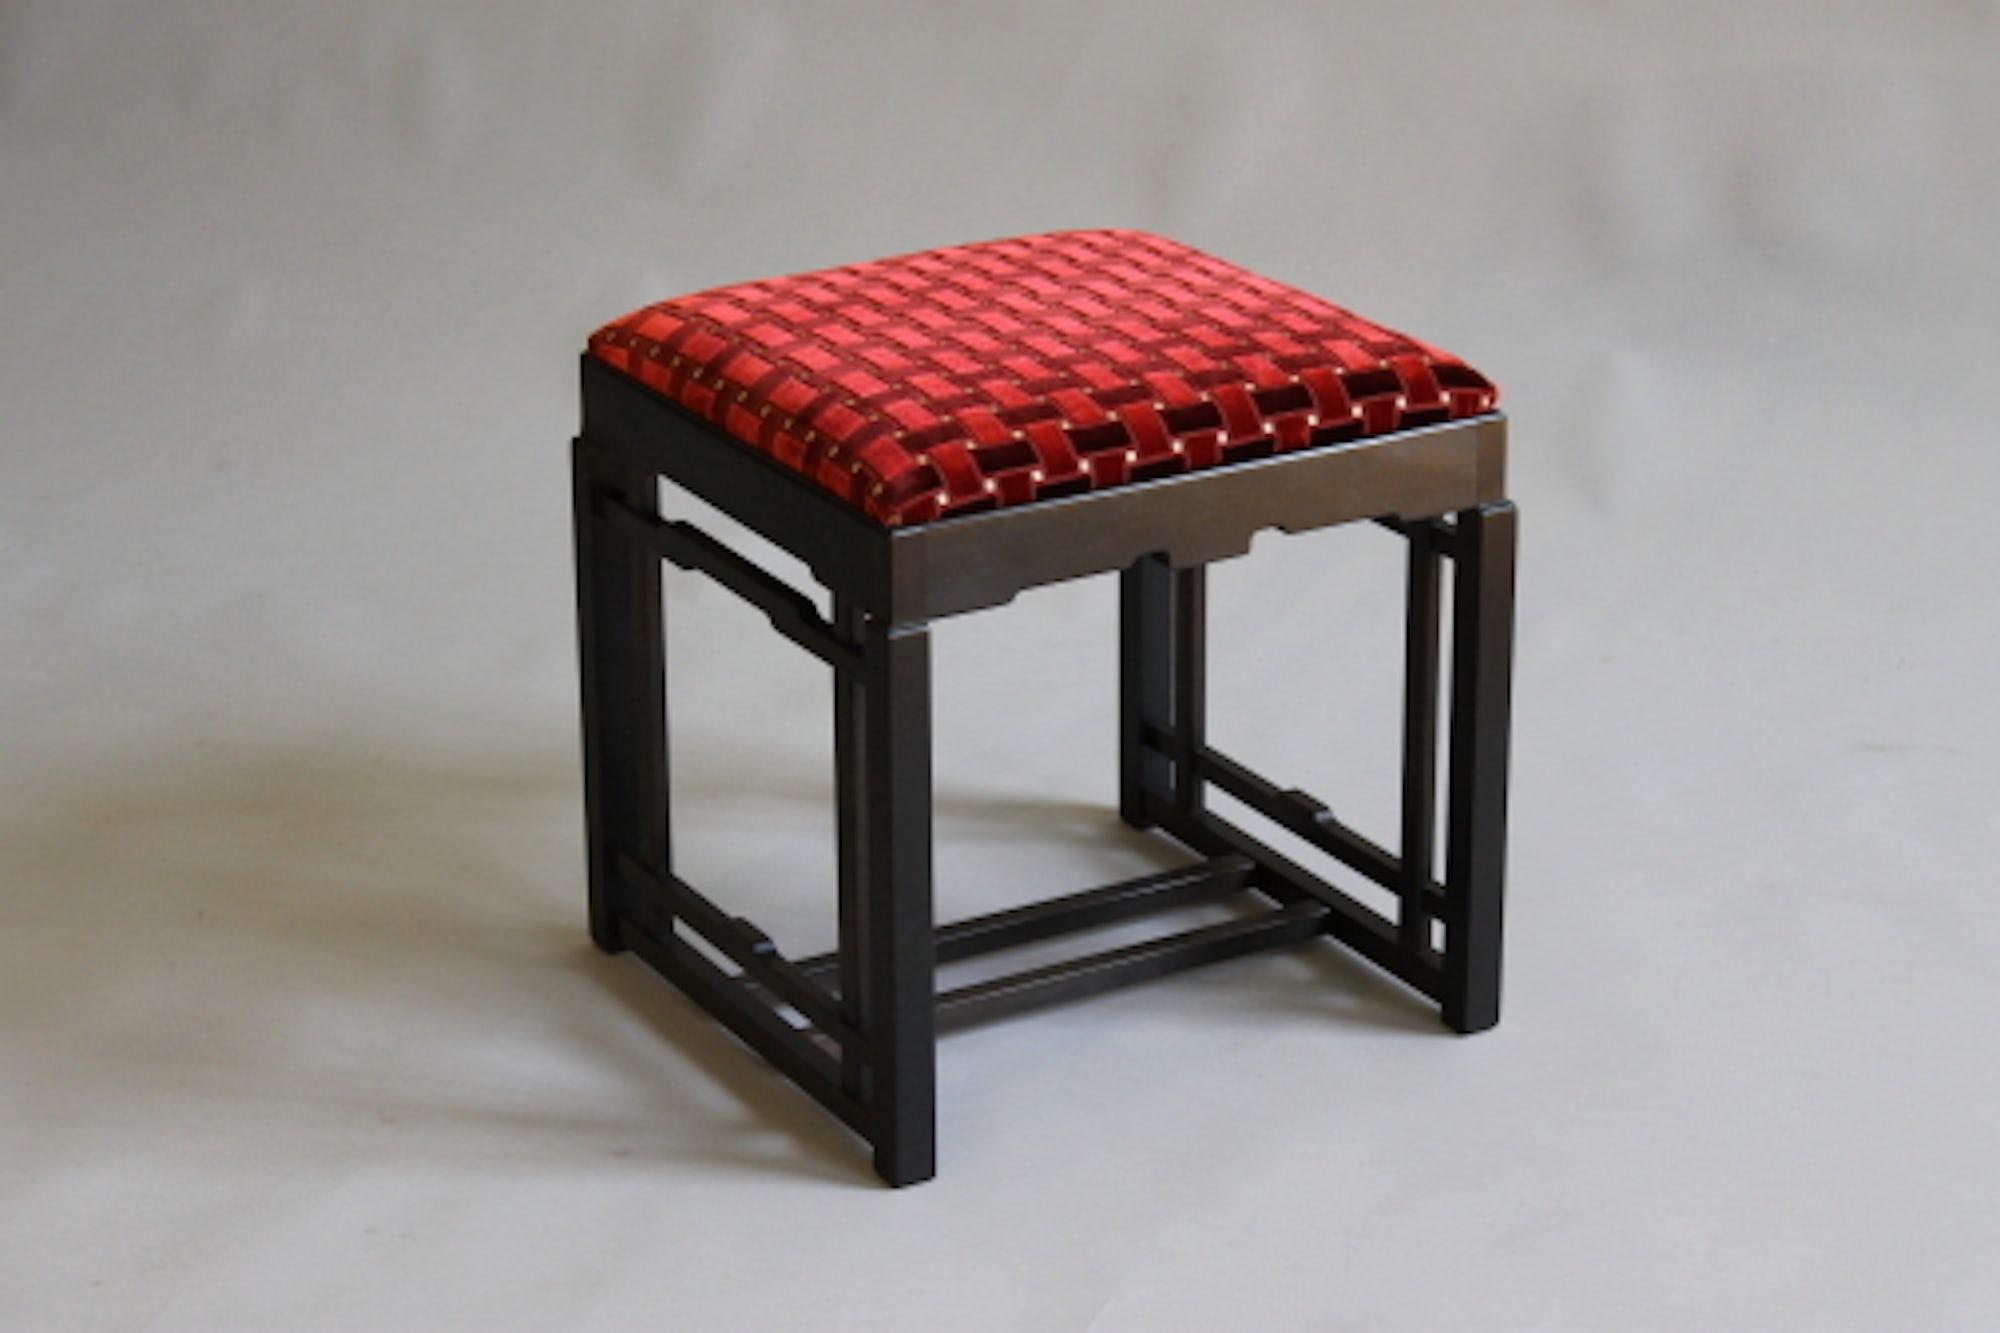 Chinese-Stool-1new-fabricweb-72dpi